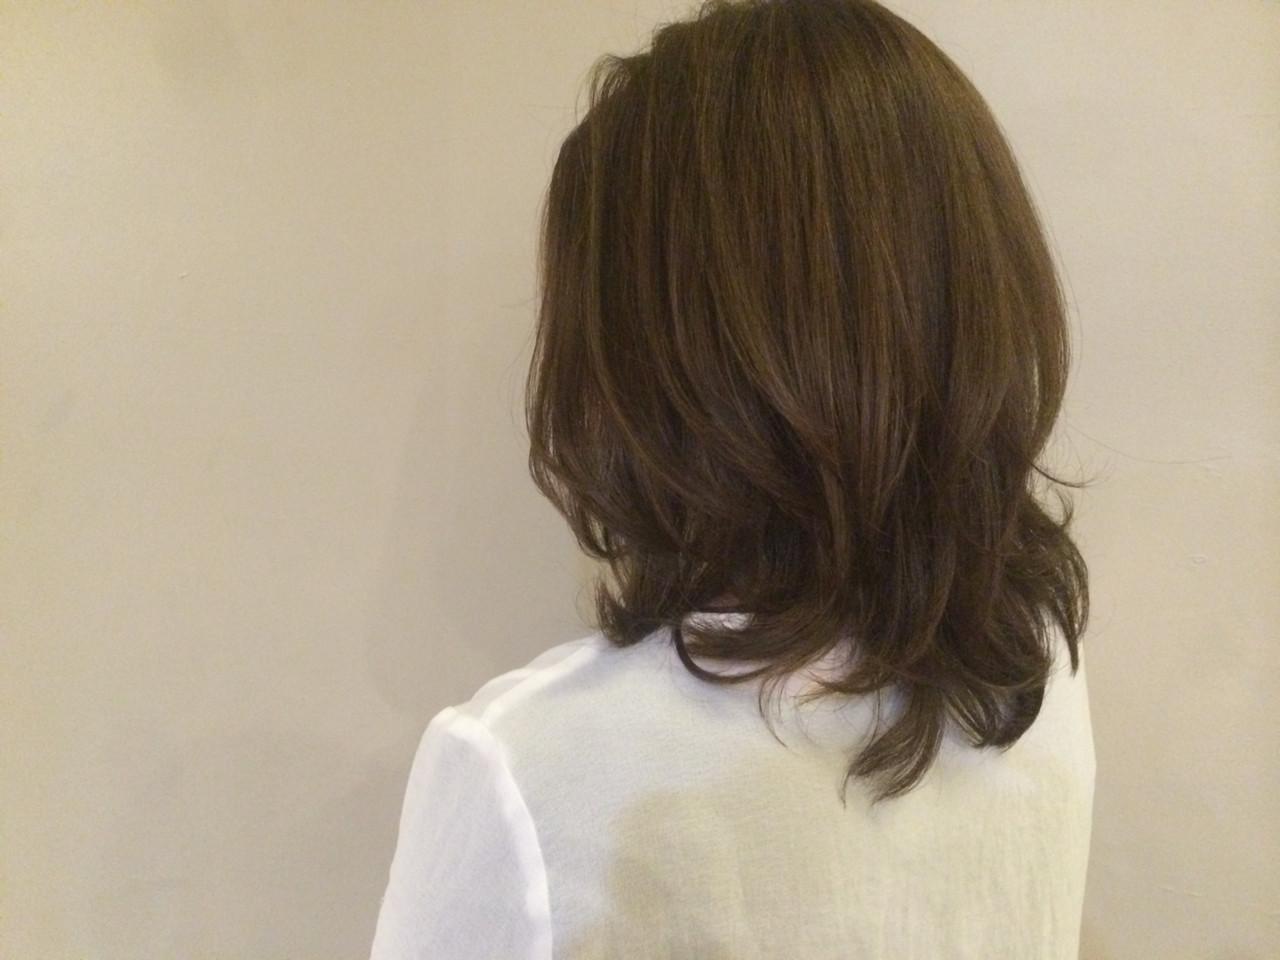 大人女子 セミロング ミディアム イルミナカラー ヘアスタイルや髪型の写真・画像